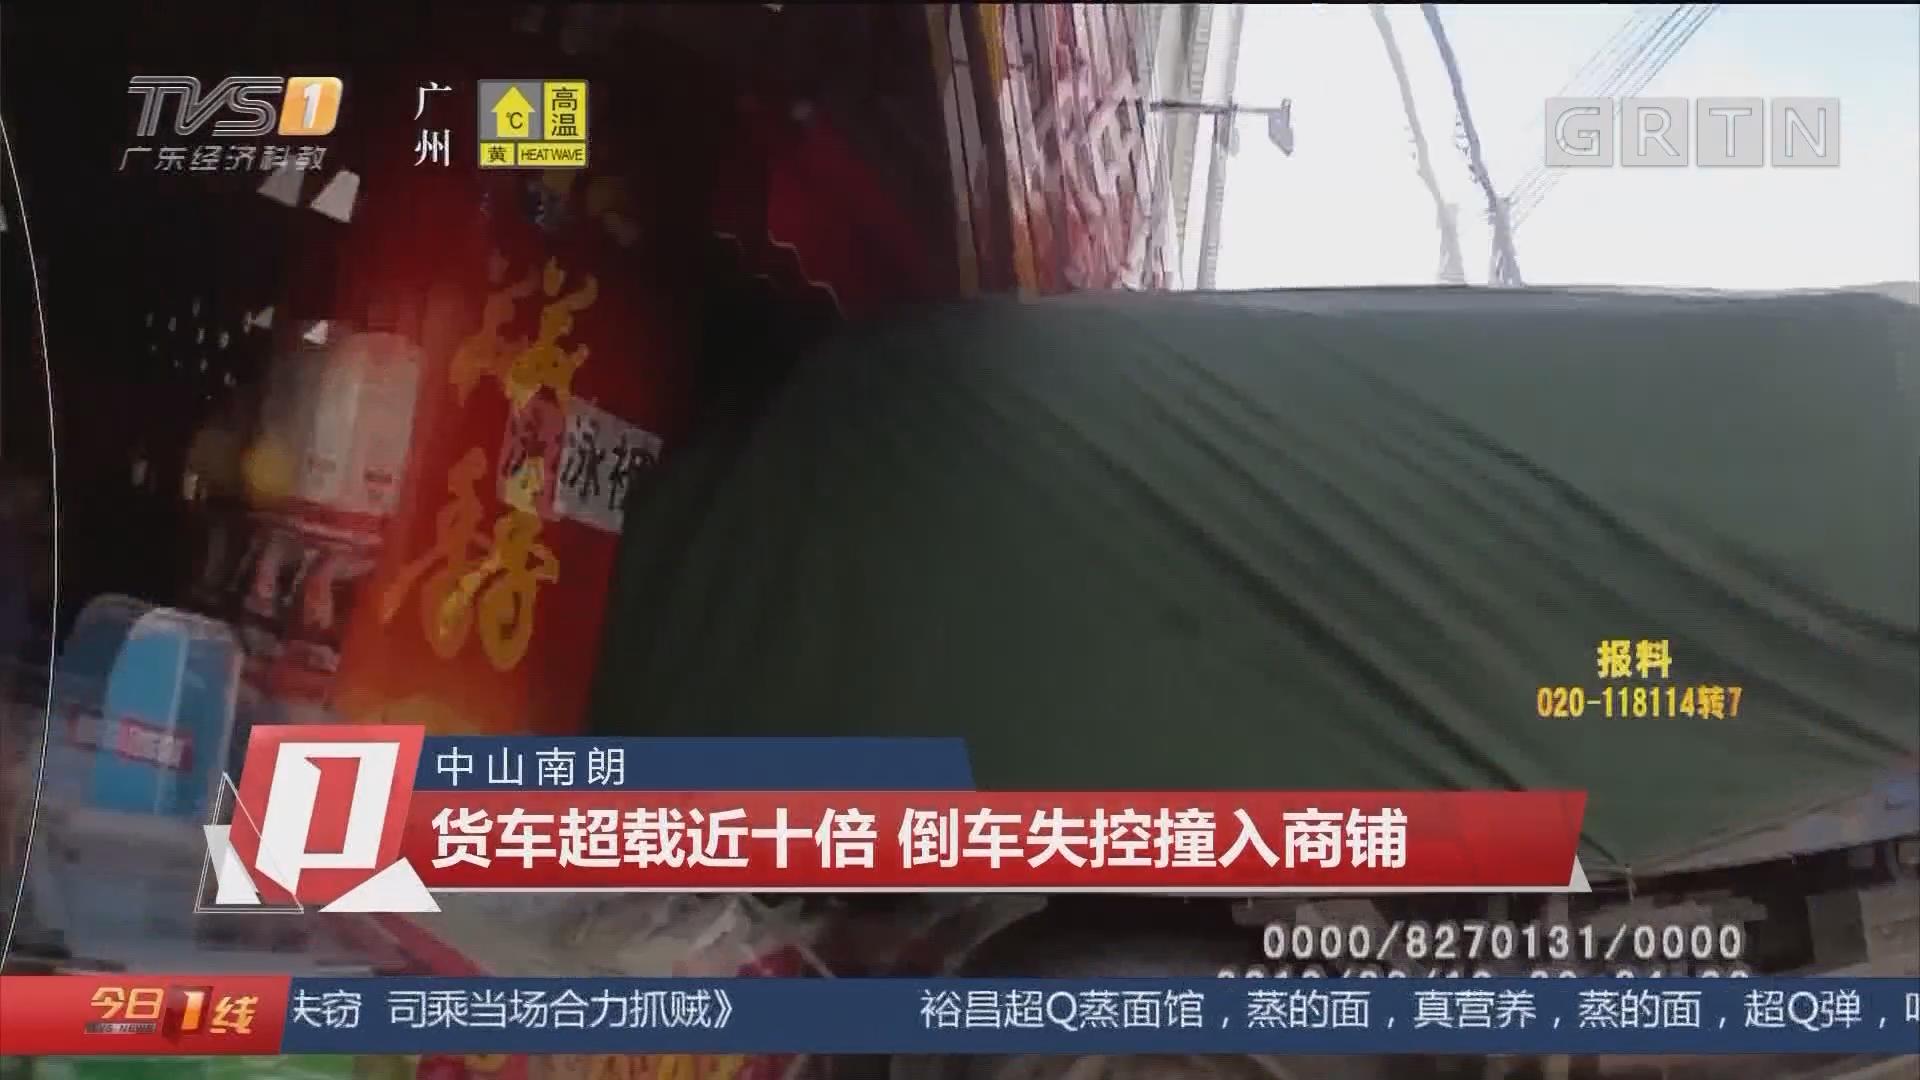 中山南朗:貨車超載近十倍 倒車失控撞入商鋪